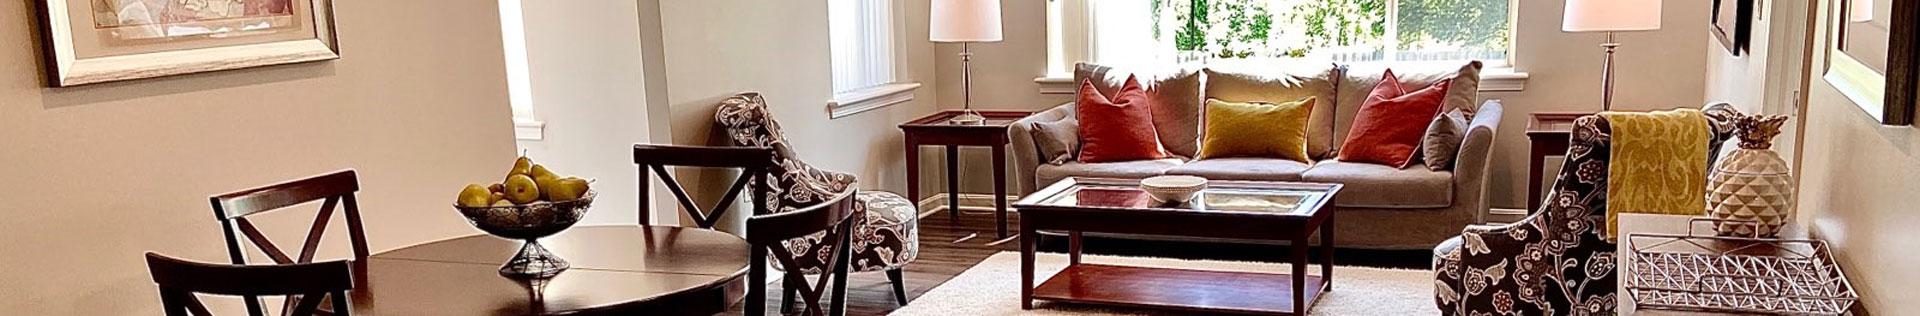 Independent Living Floor Plans Monarch Landing